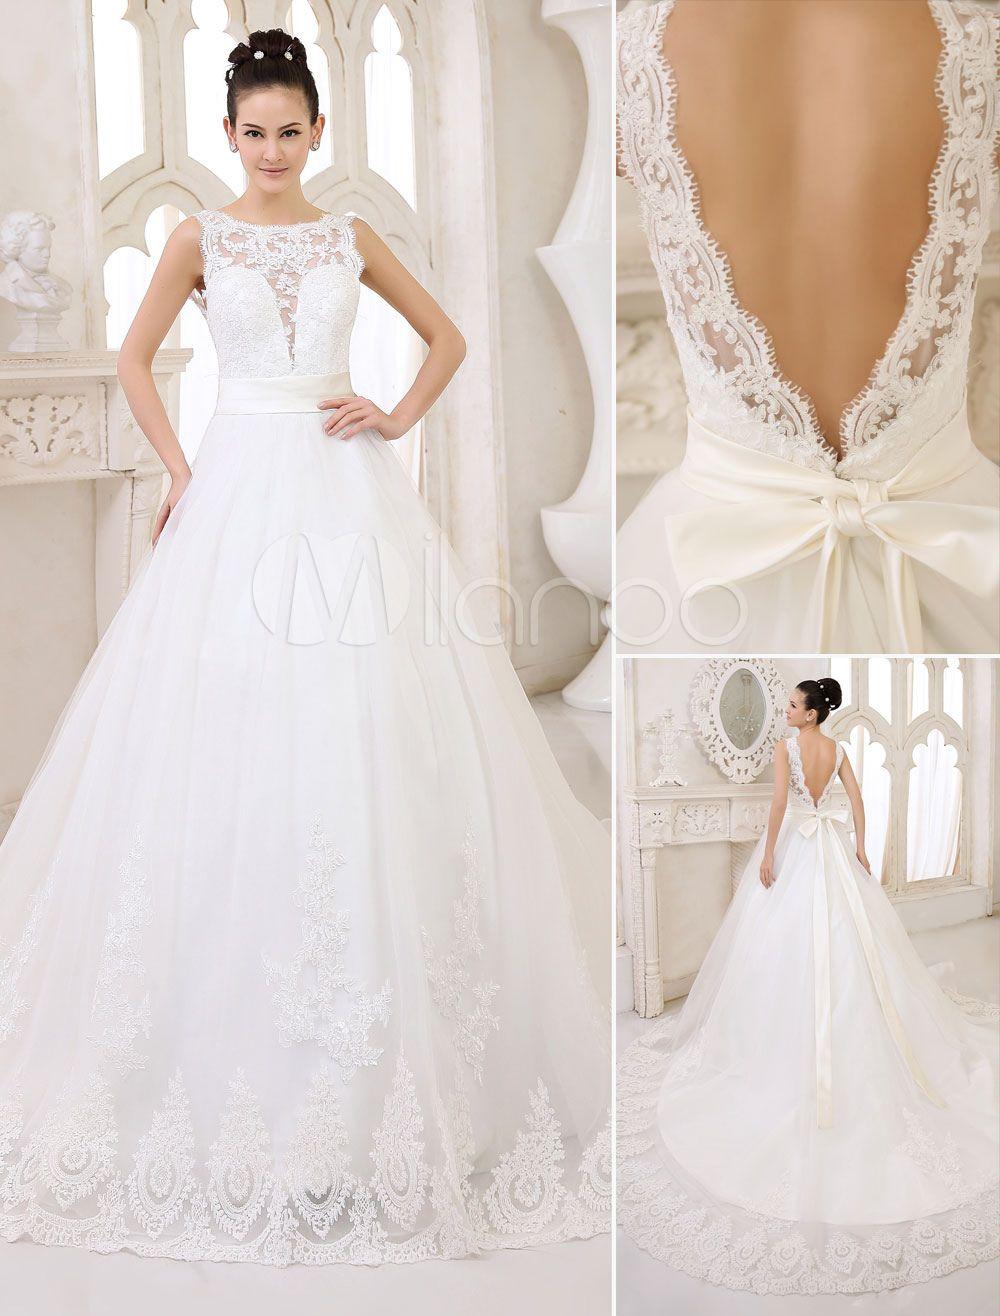 Brautkleid aus Tüll mit Kapelle-Schleppe in Elfenbeinfarbe ...